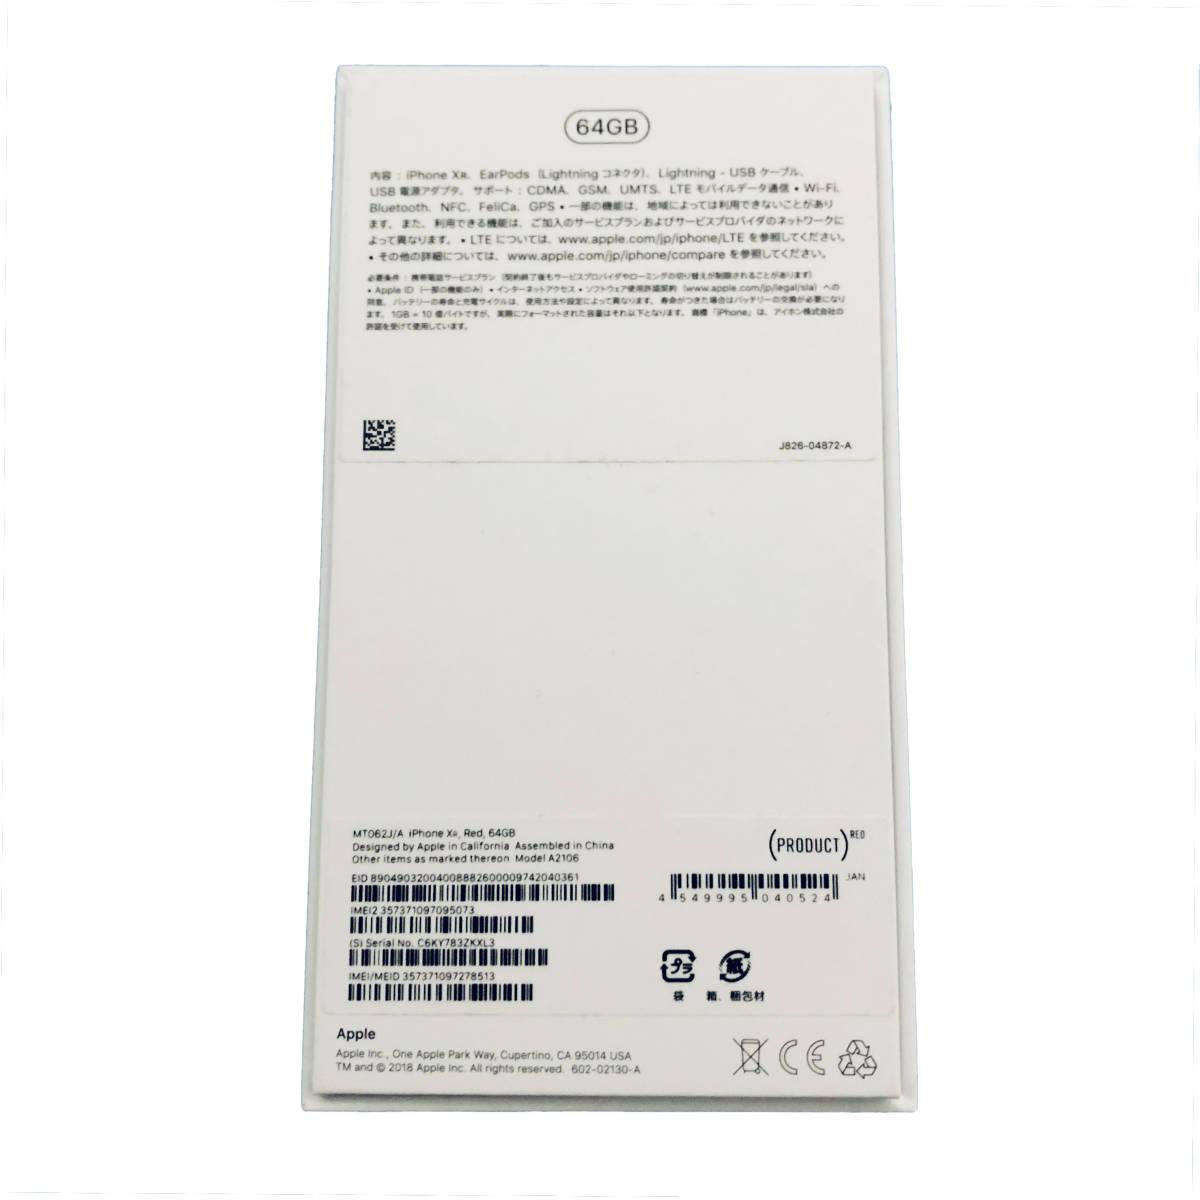 【保証有】iPhone XR 64GB レッド(RED)赤 本体 SIMロック解除済 1円~売切 新品未使用 判定○_画像3